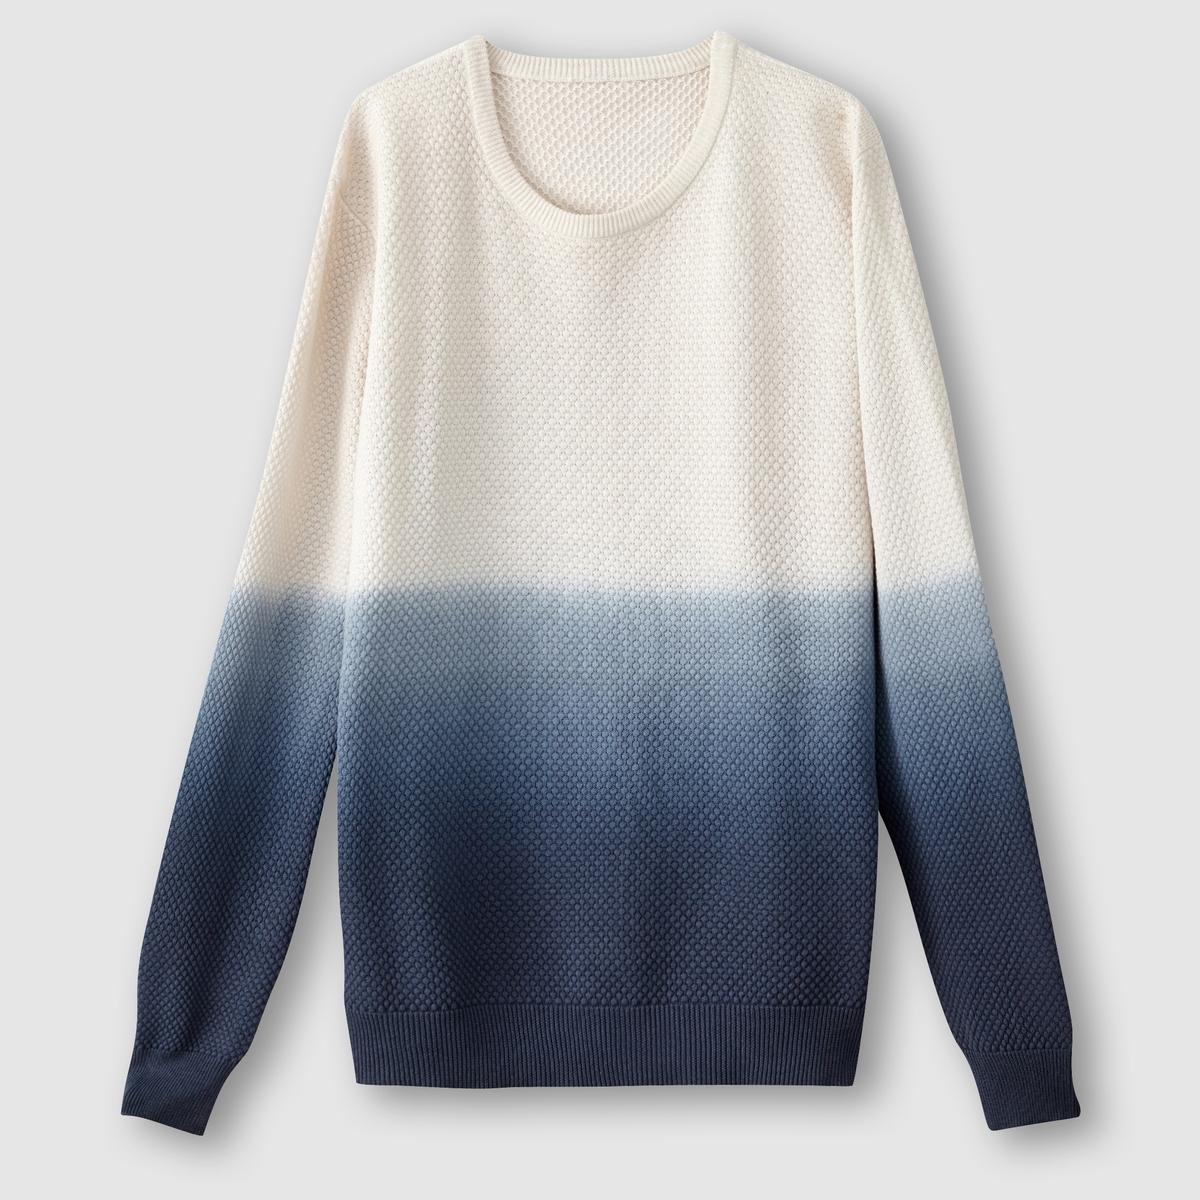 Пуловер с эффектом деграде, фантазийный трикотажСостав и описаниеМатериал: 100% хлопка.Марка: SOFT GREY.<br><br>Цвет: синий/экрю<br>Размер: 3XL